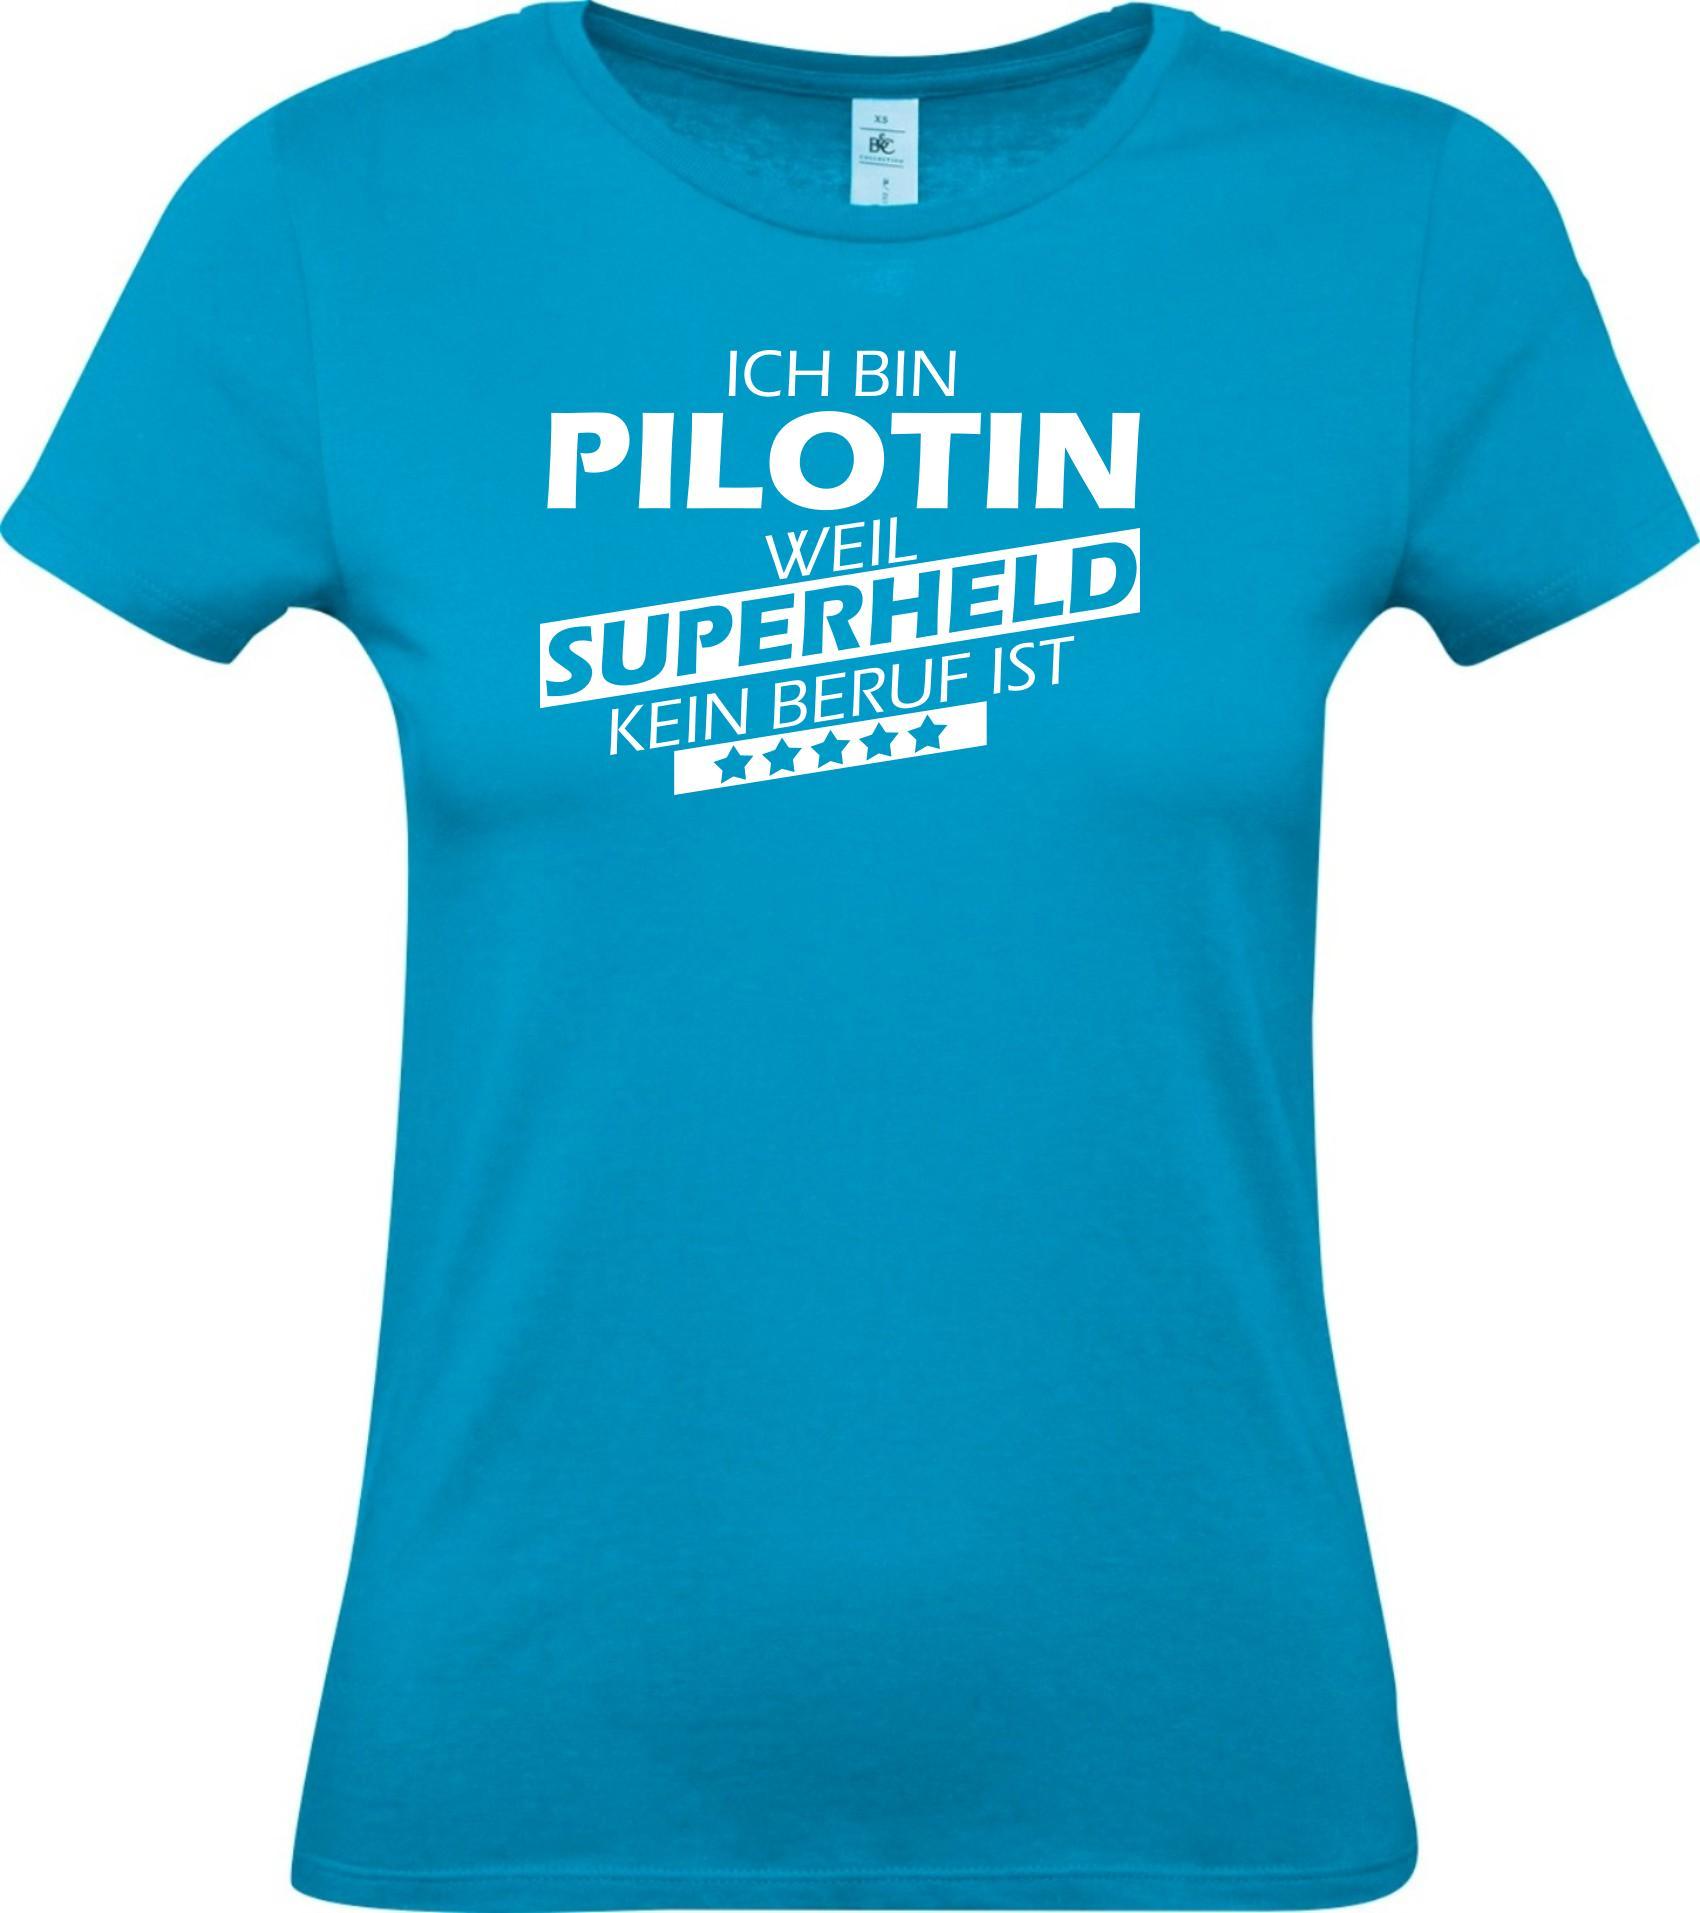 Lady-T-Shirt-Ich-bin-Pilotin-weil-Superheld-kein-Beruf-ist